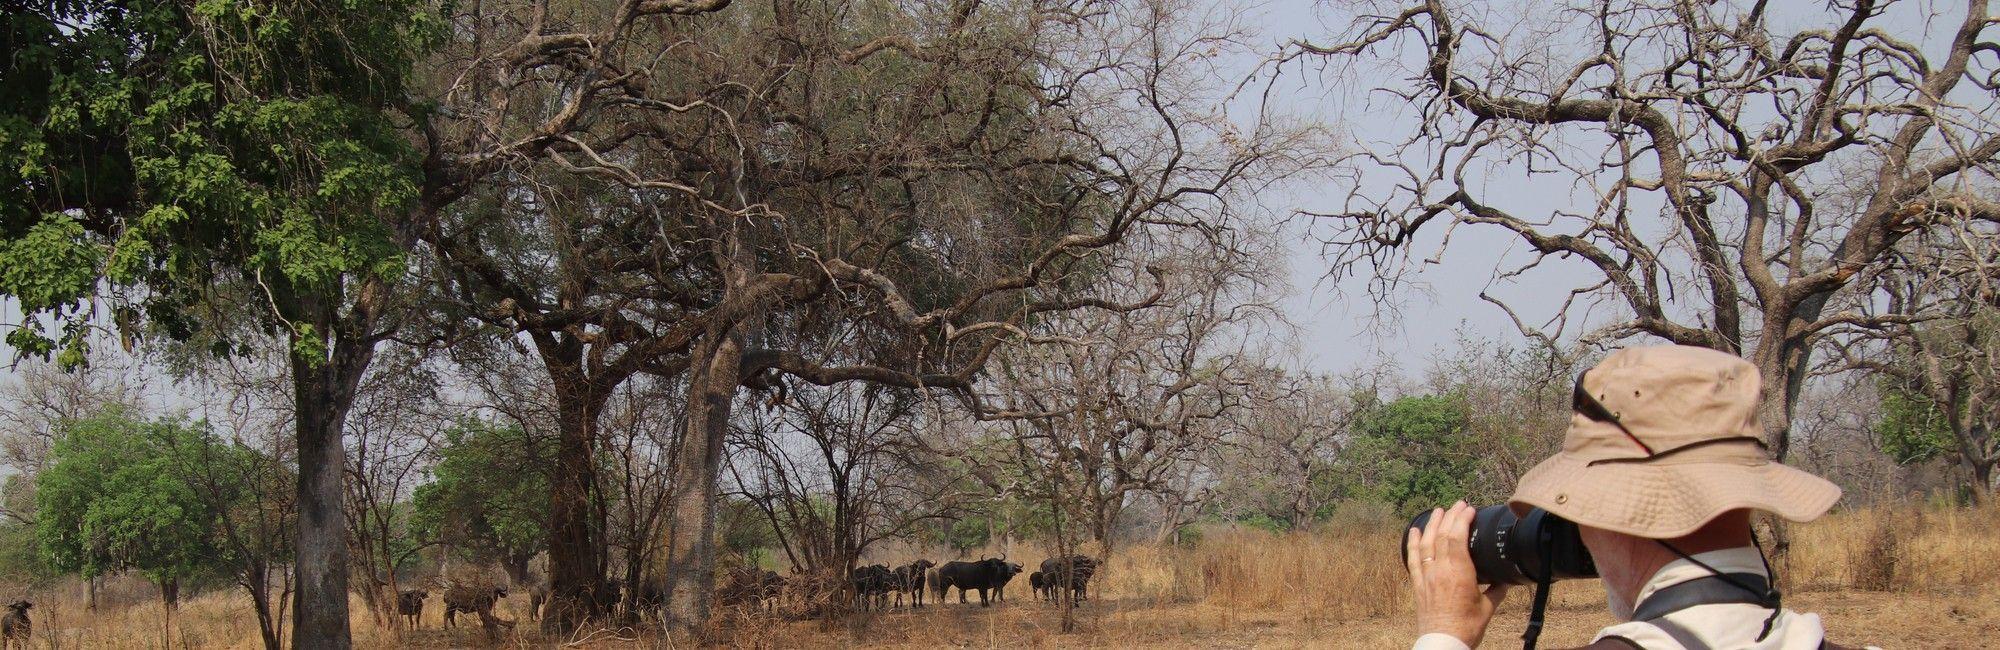 Zambia vakantie Lower Zambezi South Luangwa